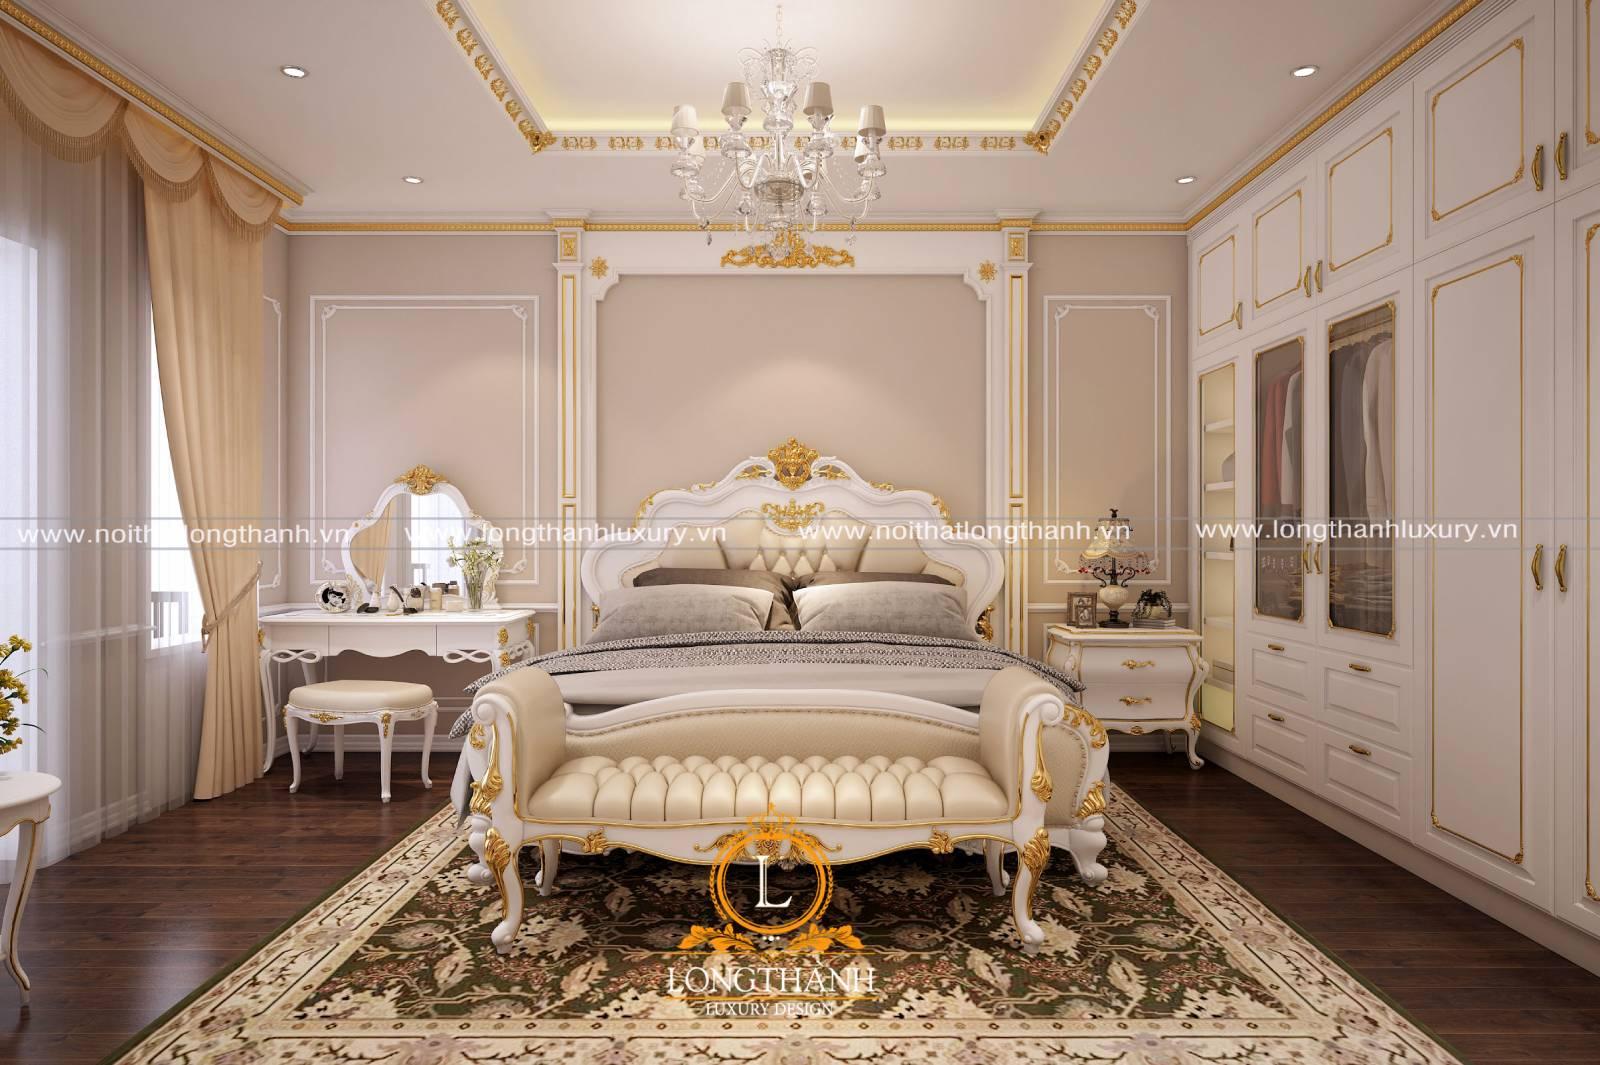 Thiết kế phòng ngủ cao cấp tân cổ điển lấy gam màu trắng làm chủ đạo